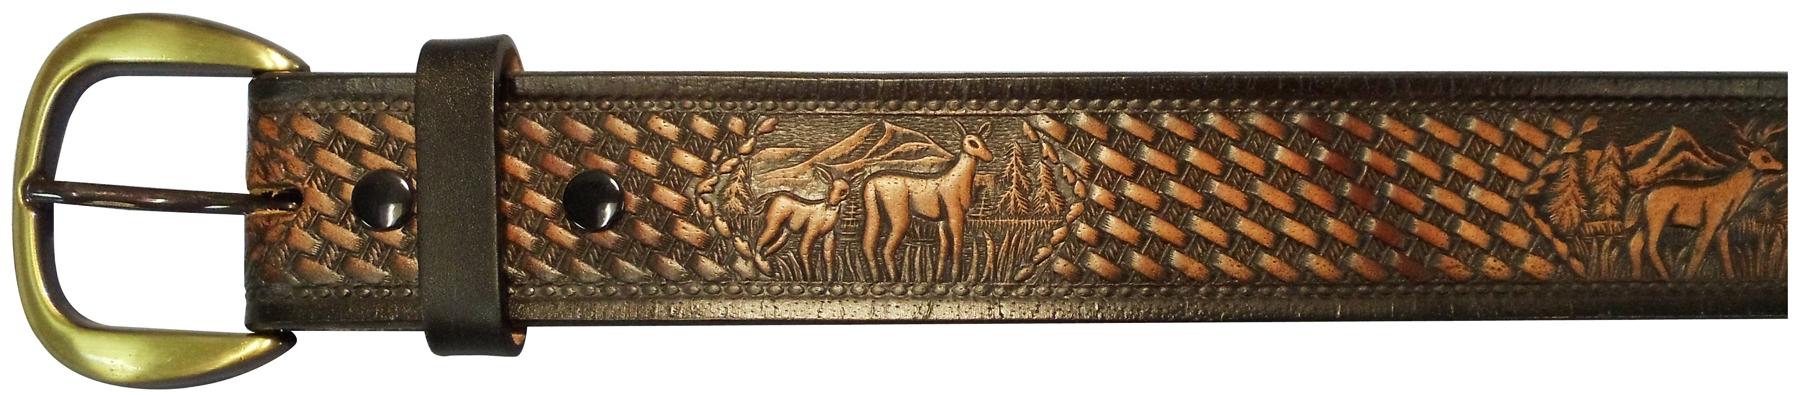 """10610160140 - 40"""" Black Leather Belt Deer Design"""